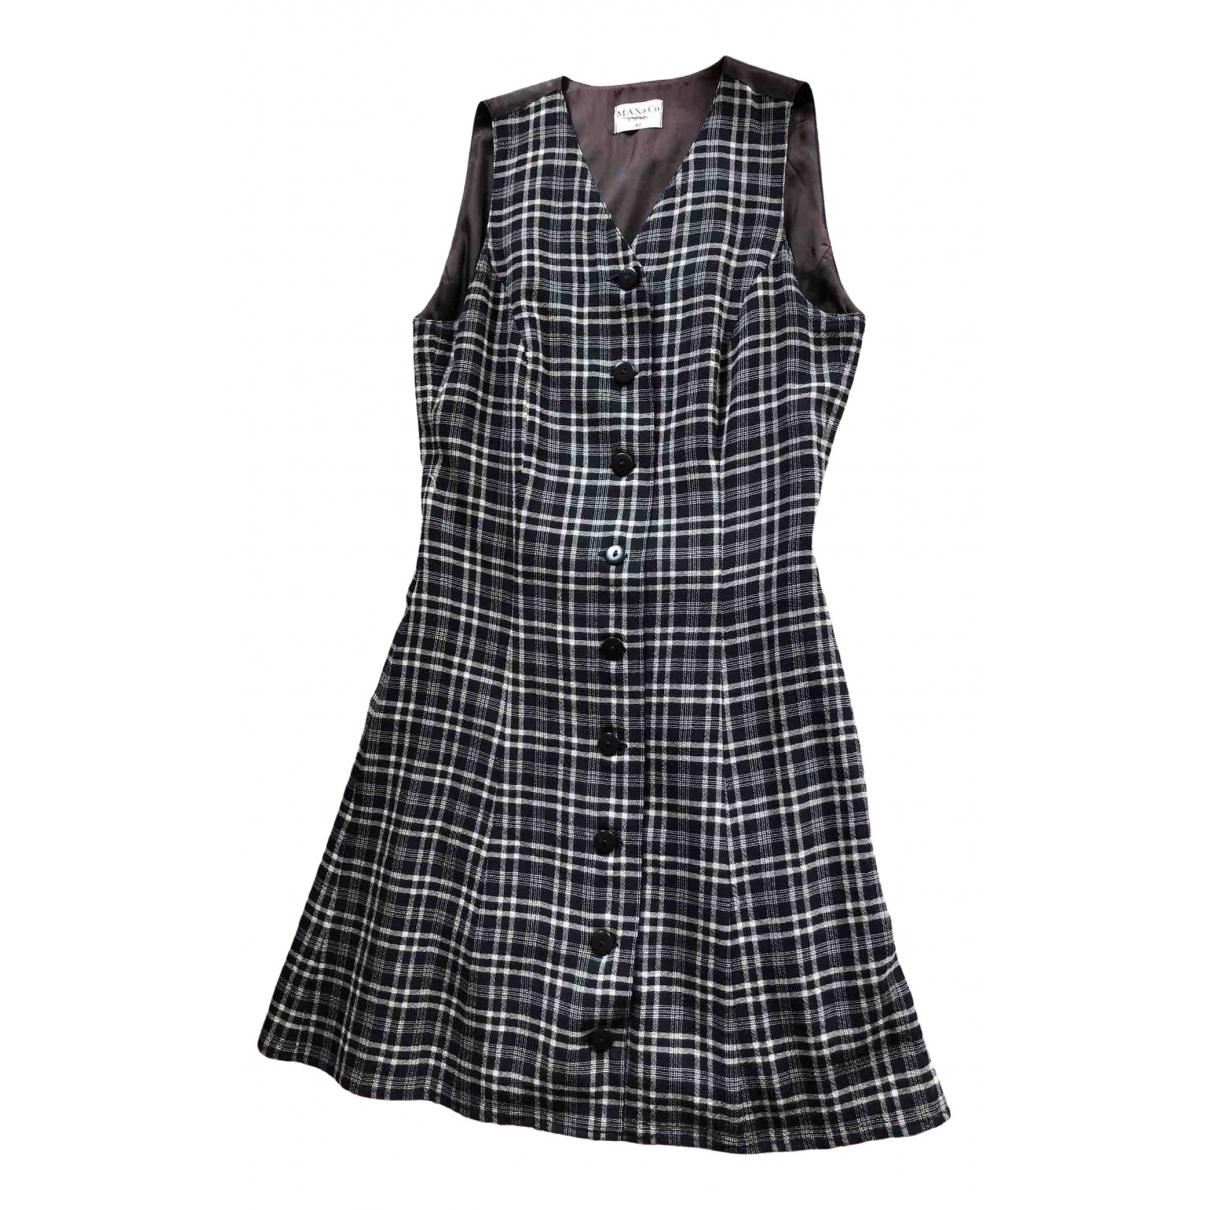 Max & Co \N Kleid in  Bunt Wolle